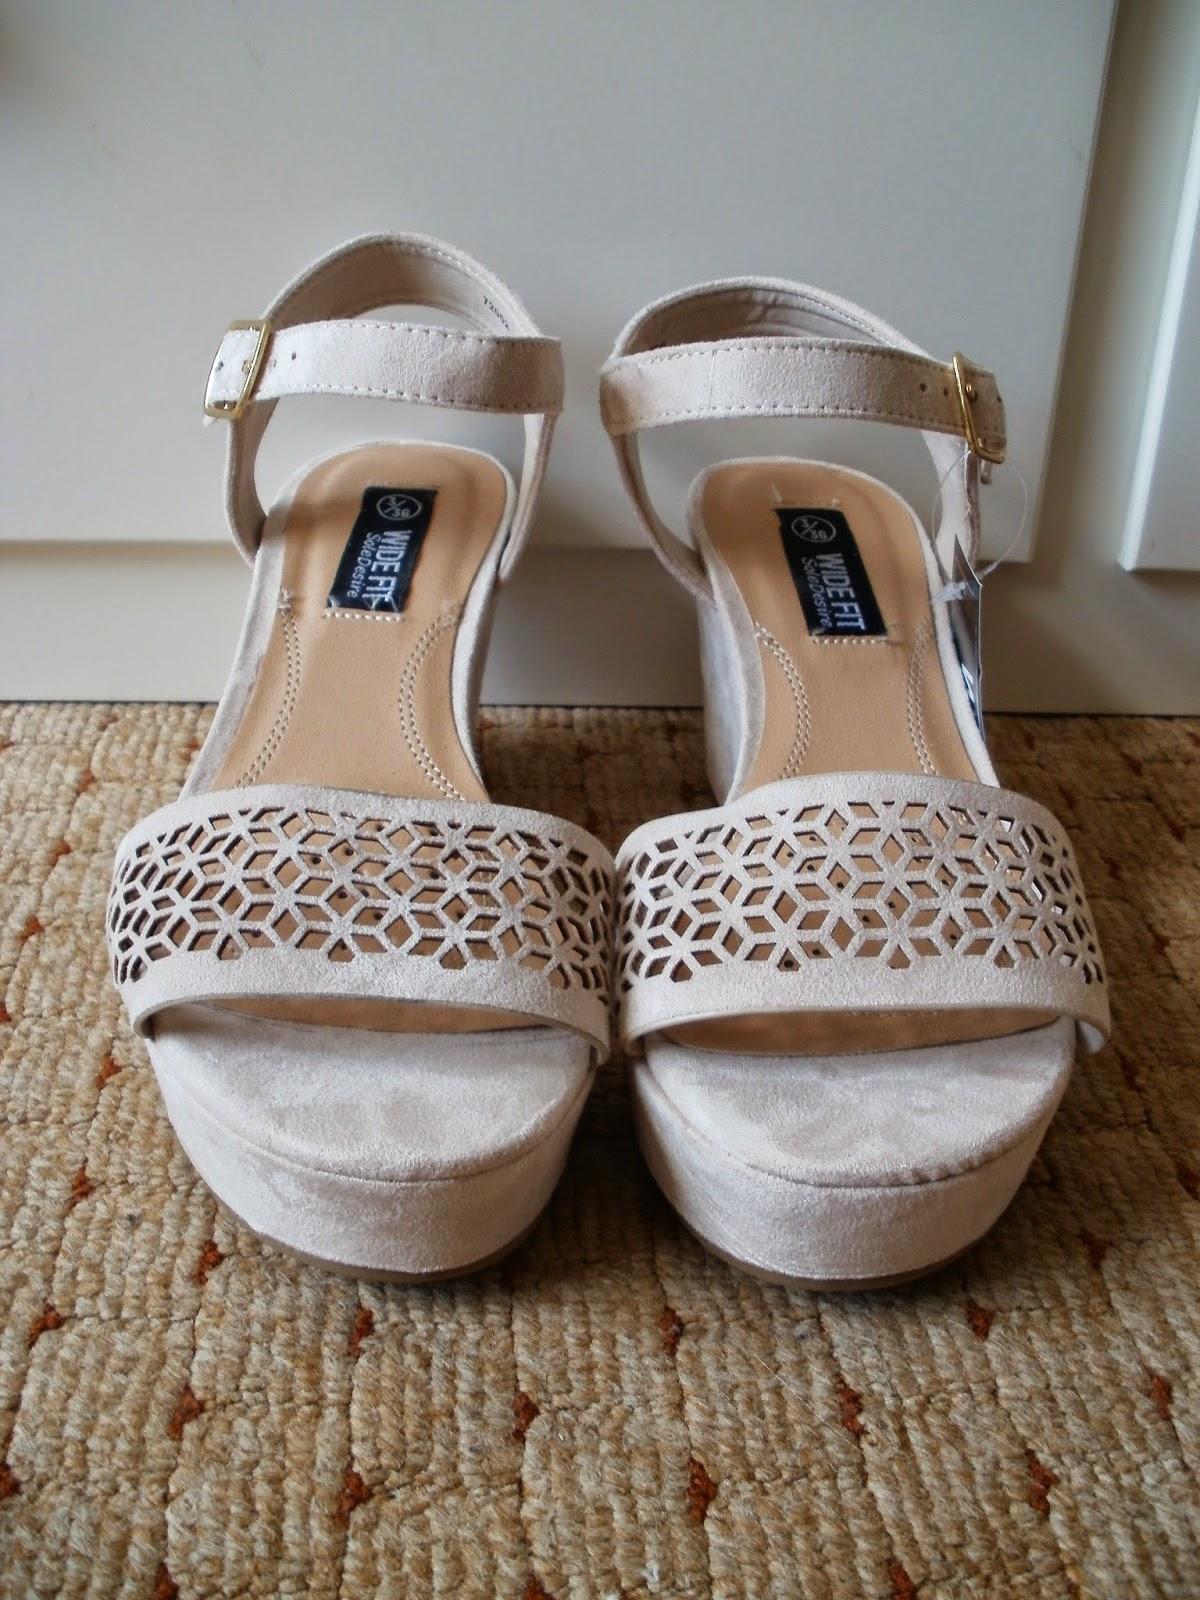 Porcelain Eleanor Shoes On A Shoestring 6 Primark Laser